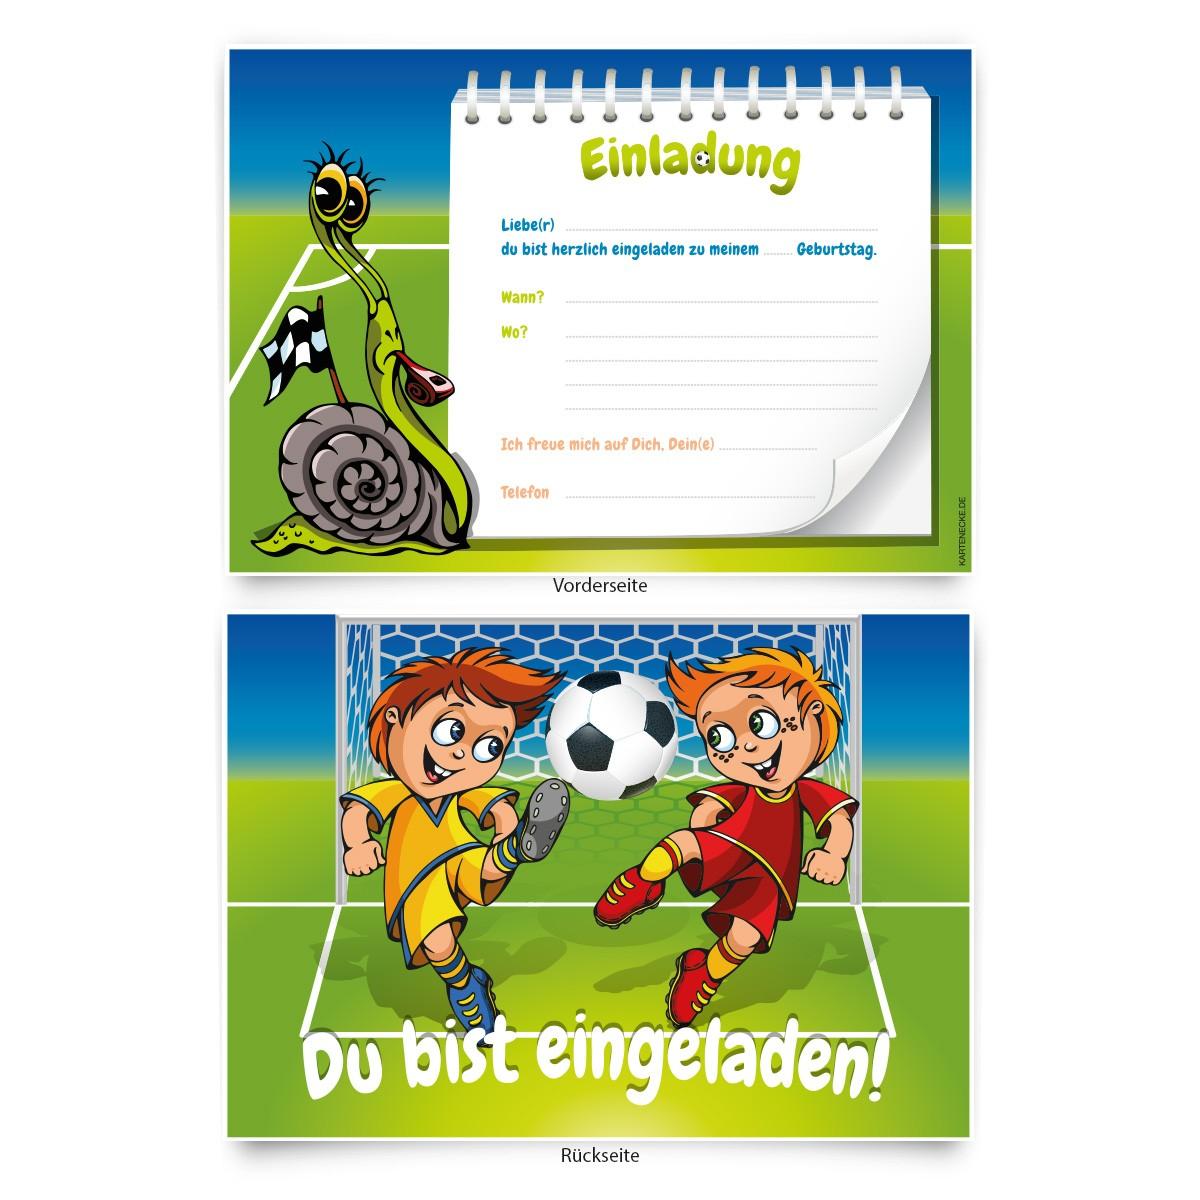 Einladung Kindergeburtstag Fußball Download